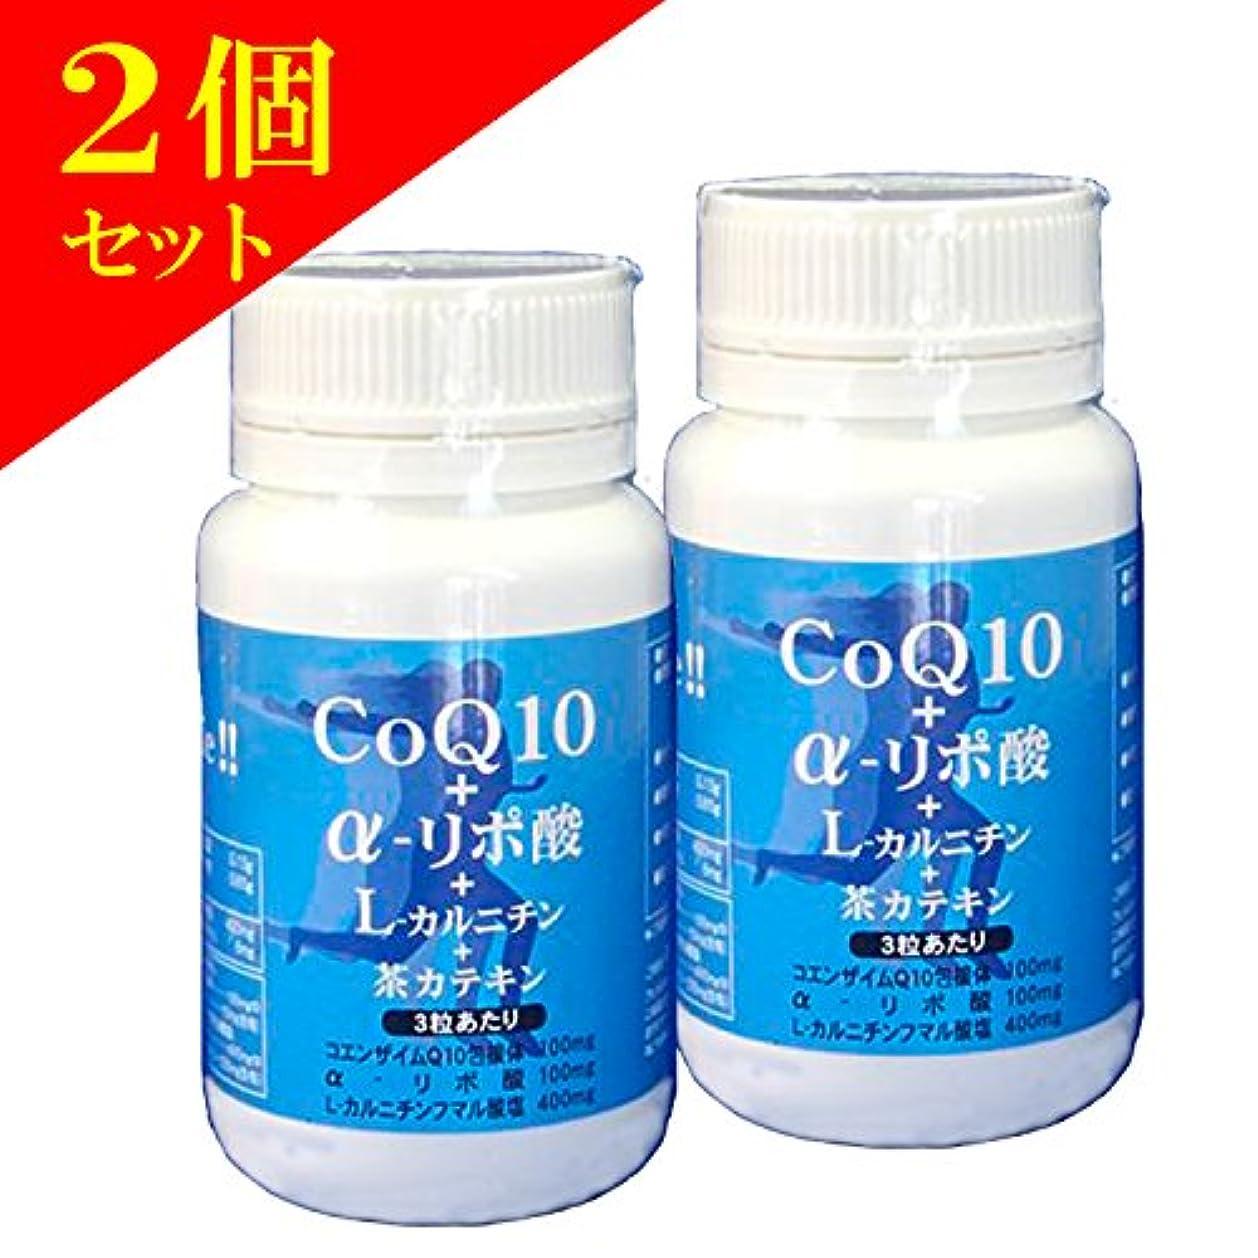 厳密に休眠(2個)マーキュリーCoQ10+αリポ酸+L-カルニチン+茶カテキン 90粒×2個セット(4947041260283)